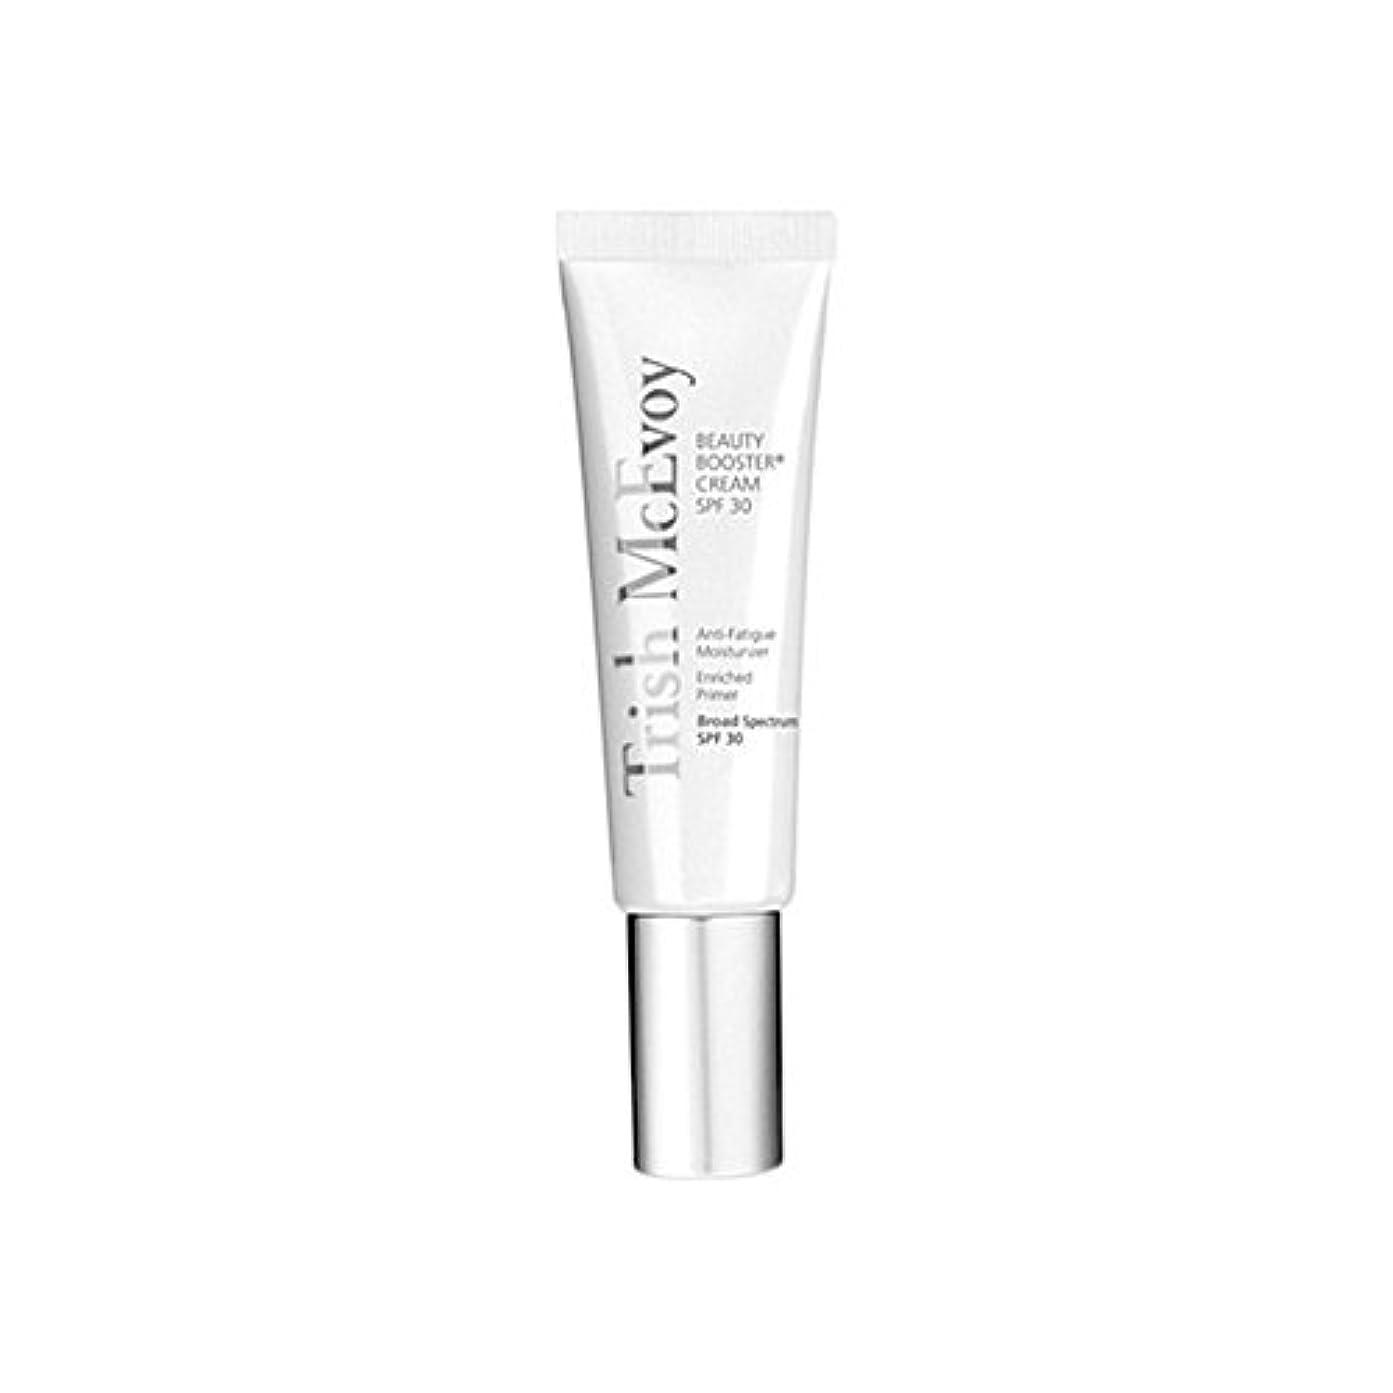 圧縮されたびっくりした編集するTrish Mcevoy Beauty Booster Cream Spf 30 55ml (Pack of 6) - トリッシュ?マクエボイの美しブースタークリーム 30 55ミリリットル x6 [並行輸入品]